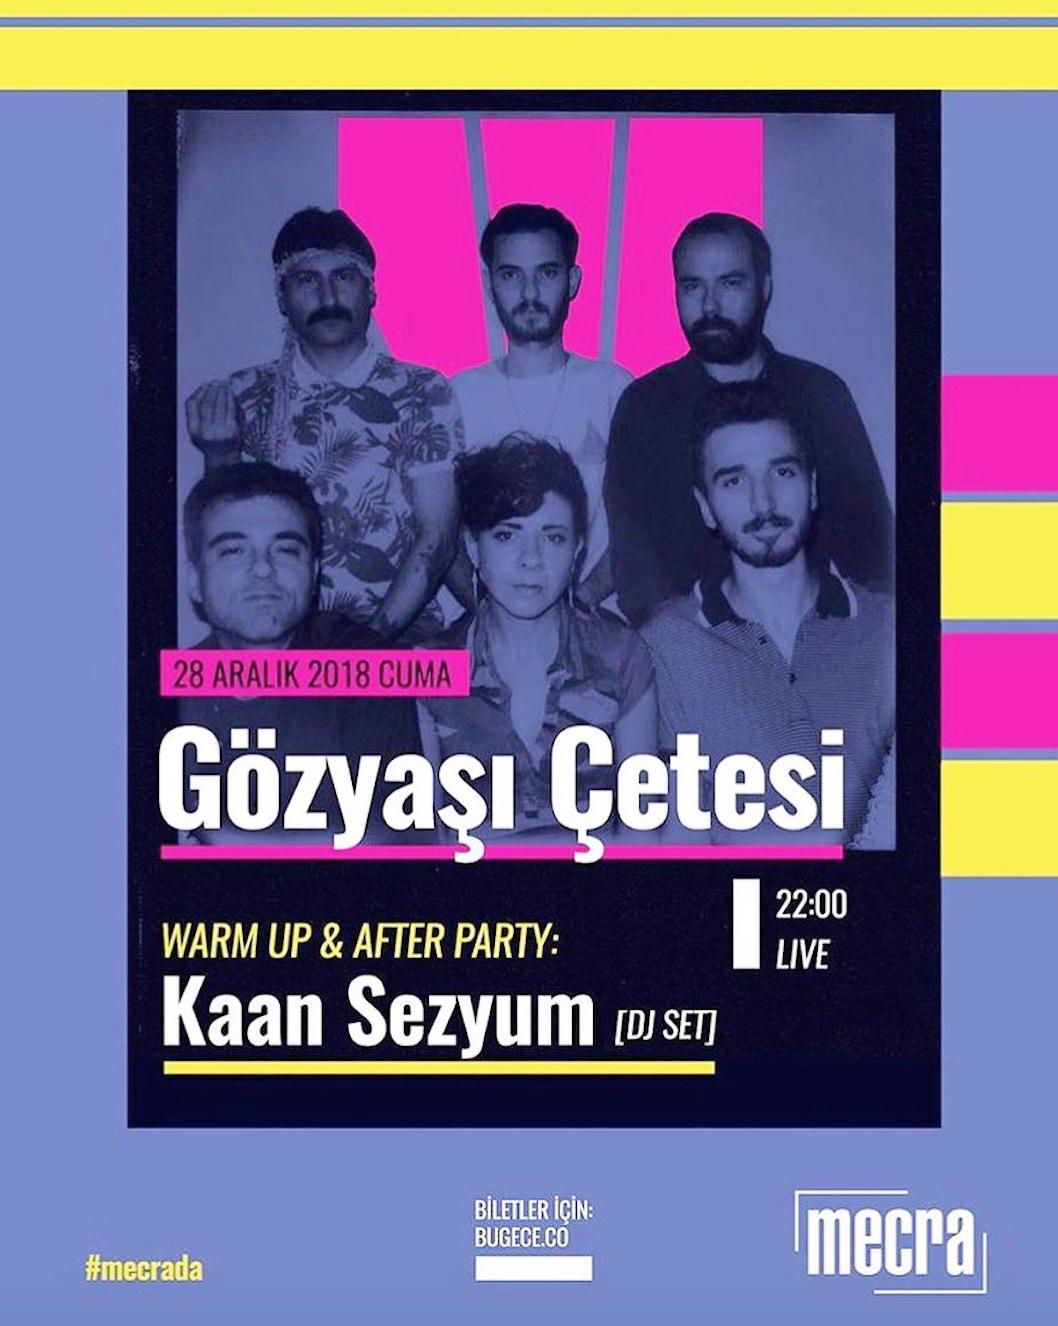 gozyasi_cetesi